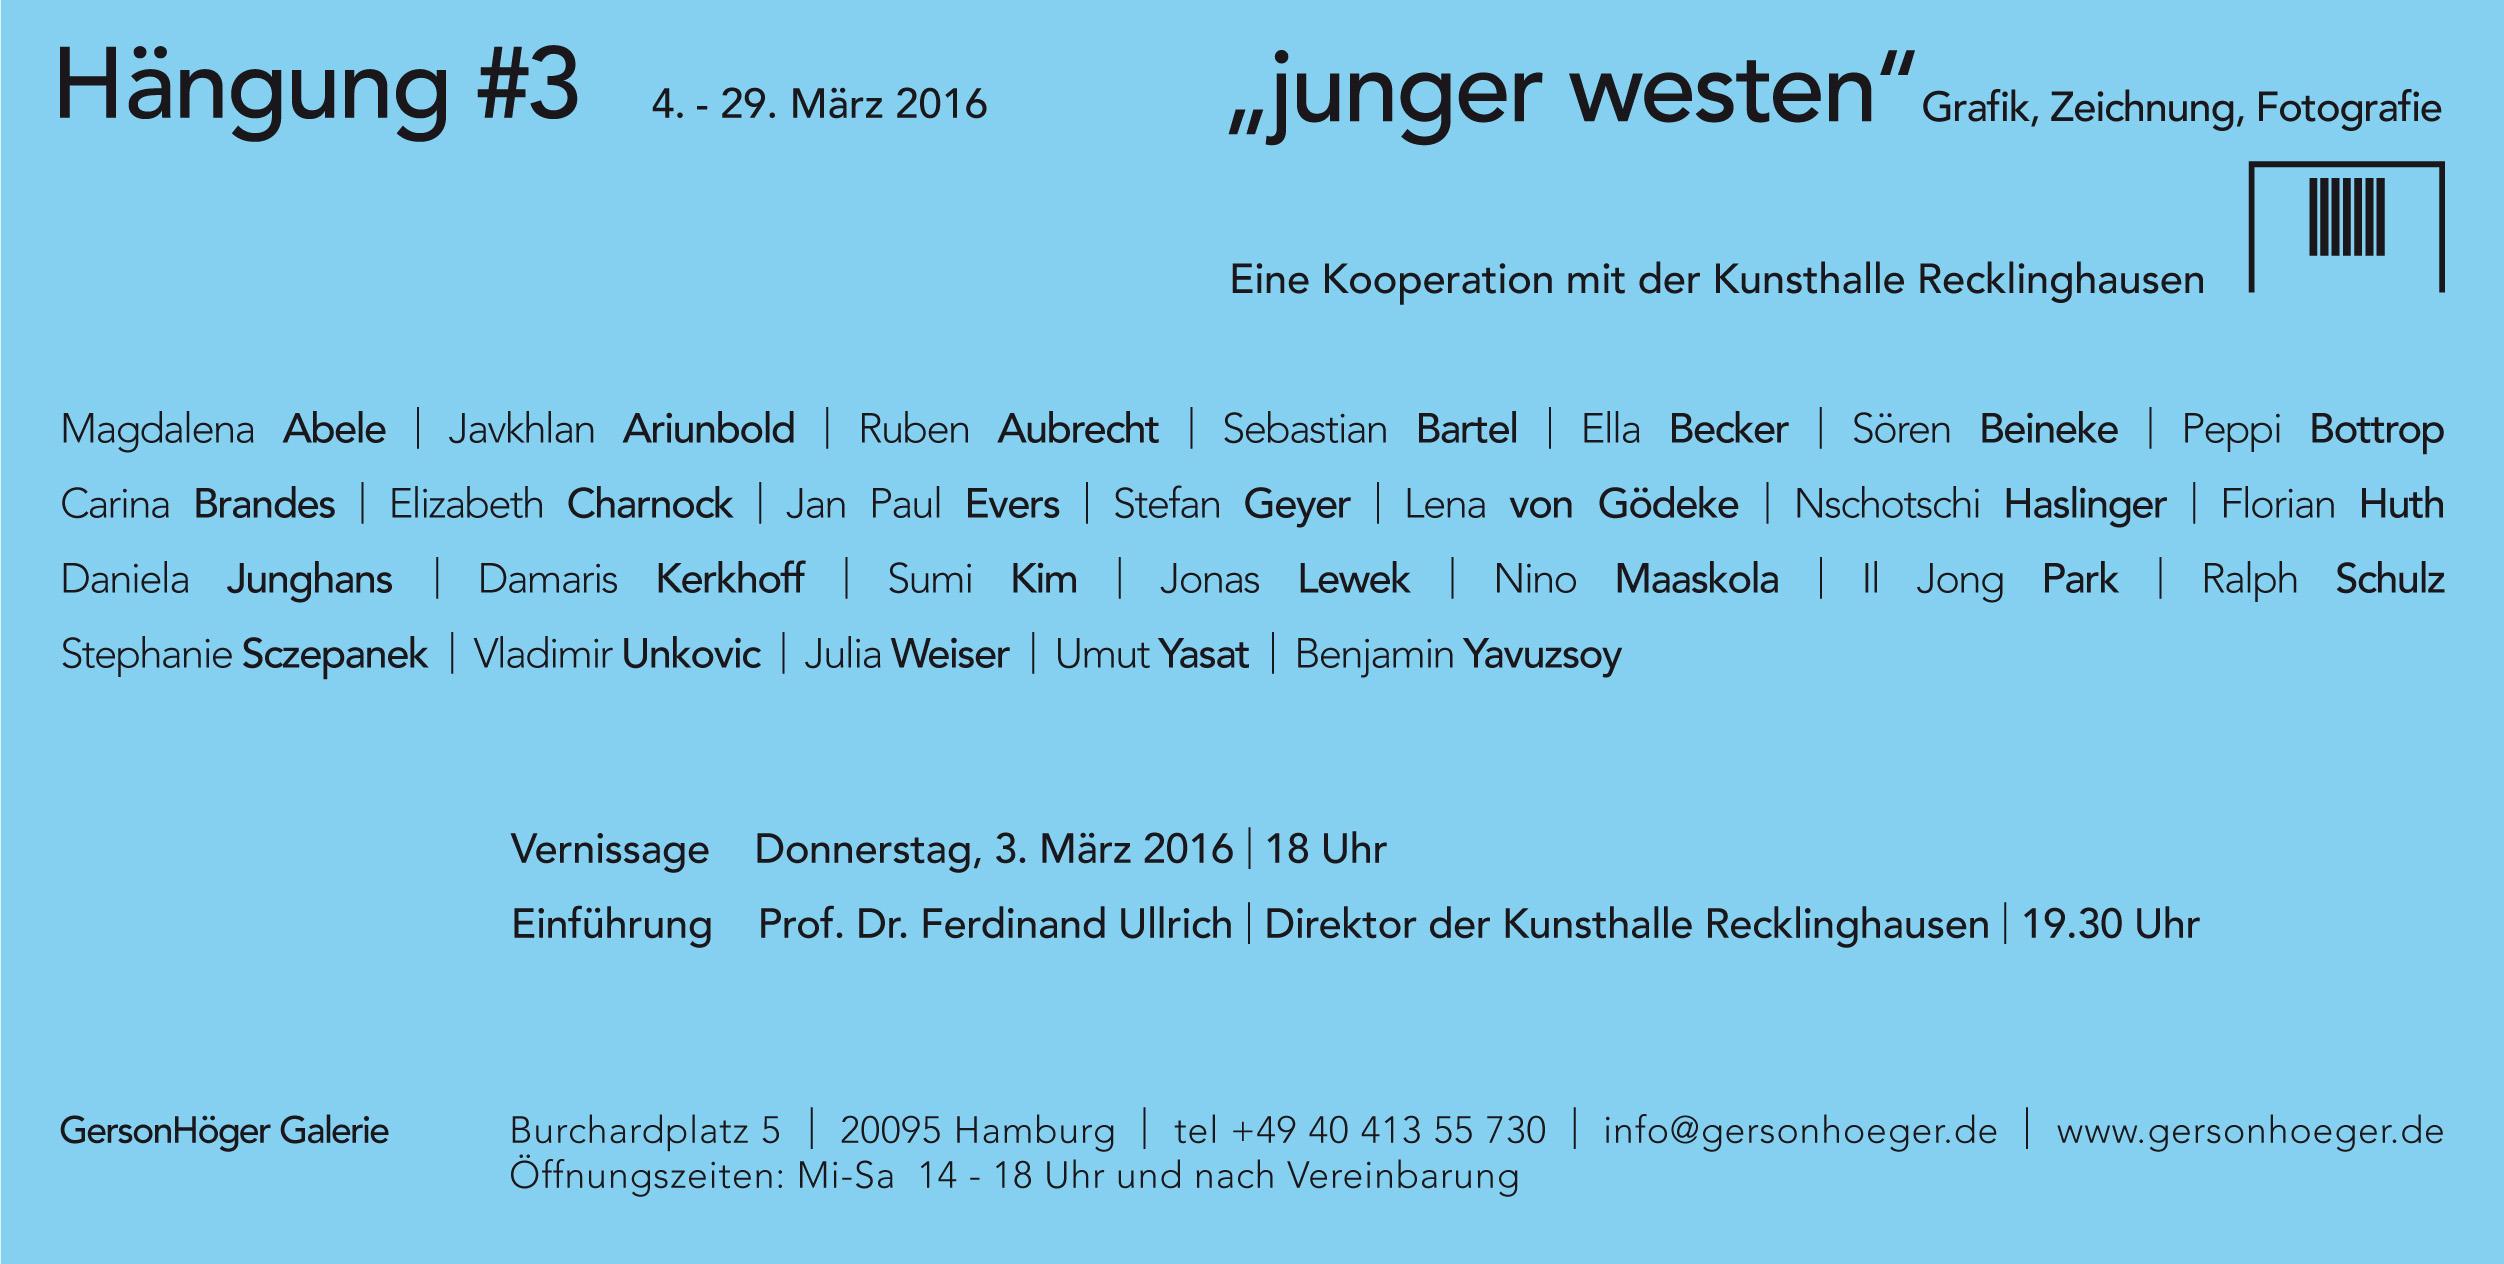 flyer_H#3_ gersonhoeger_textweb3_